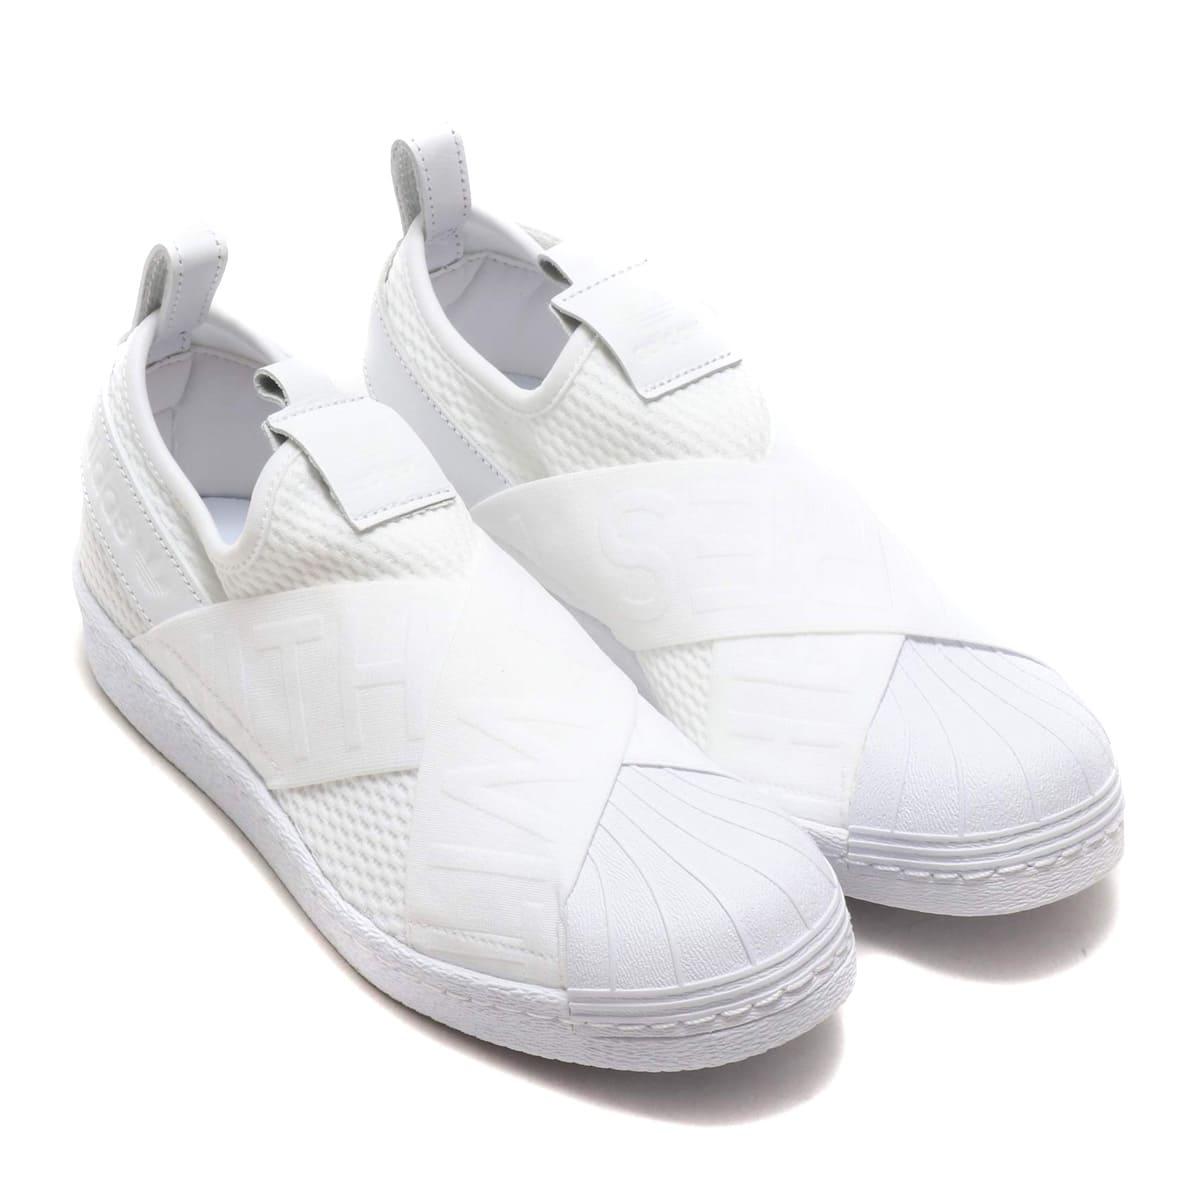 adidas Originals SUPERSTAR SLIPON W  Running White/Running White/Core Black_photo_large